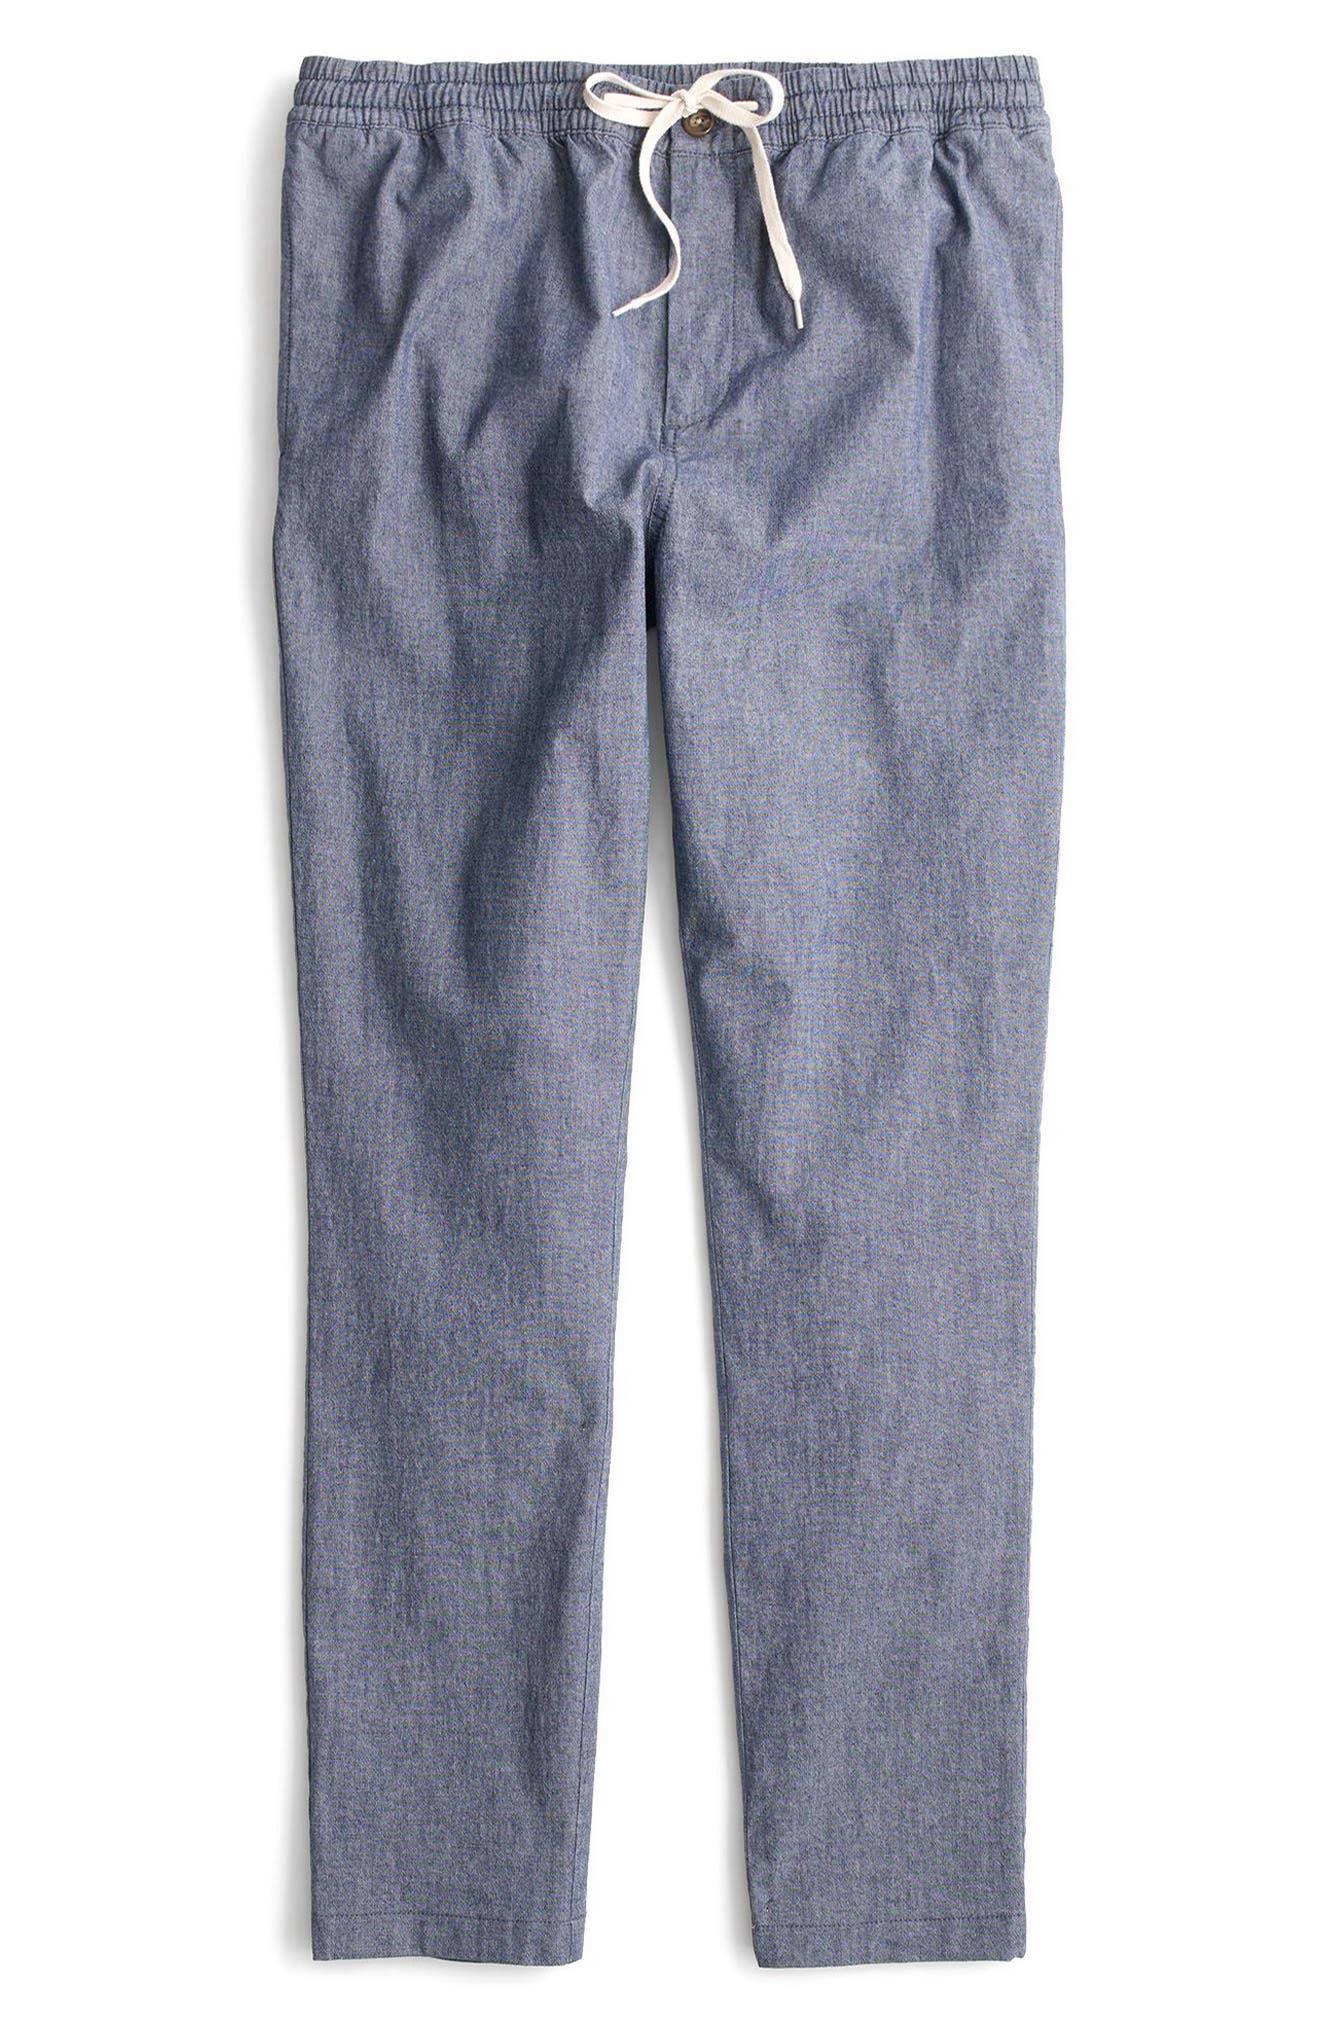 Chambray Drawstring Pants,                             Alternate thumbnail 4, color,                             402